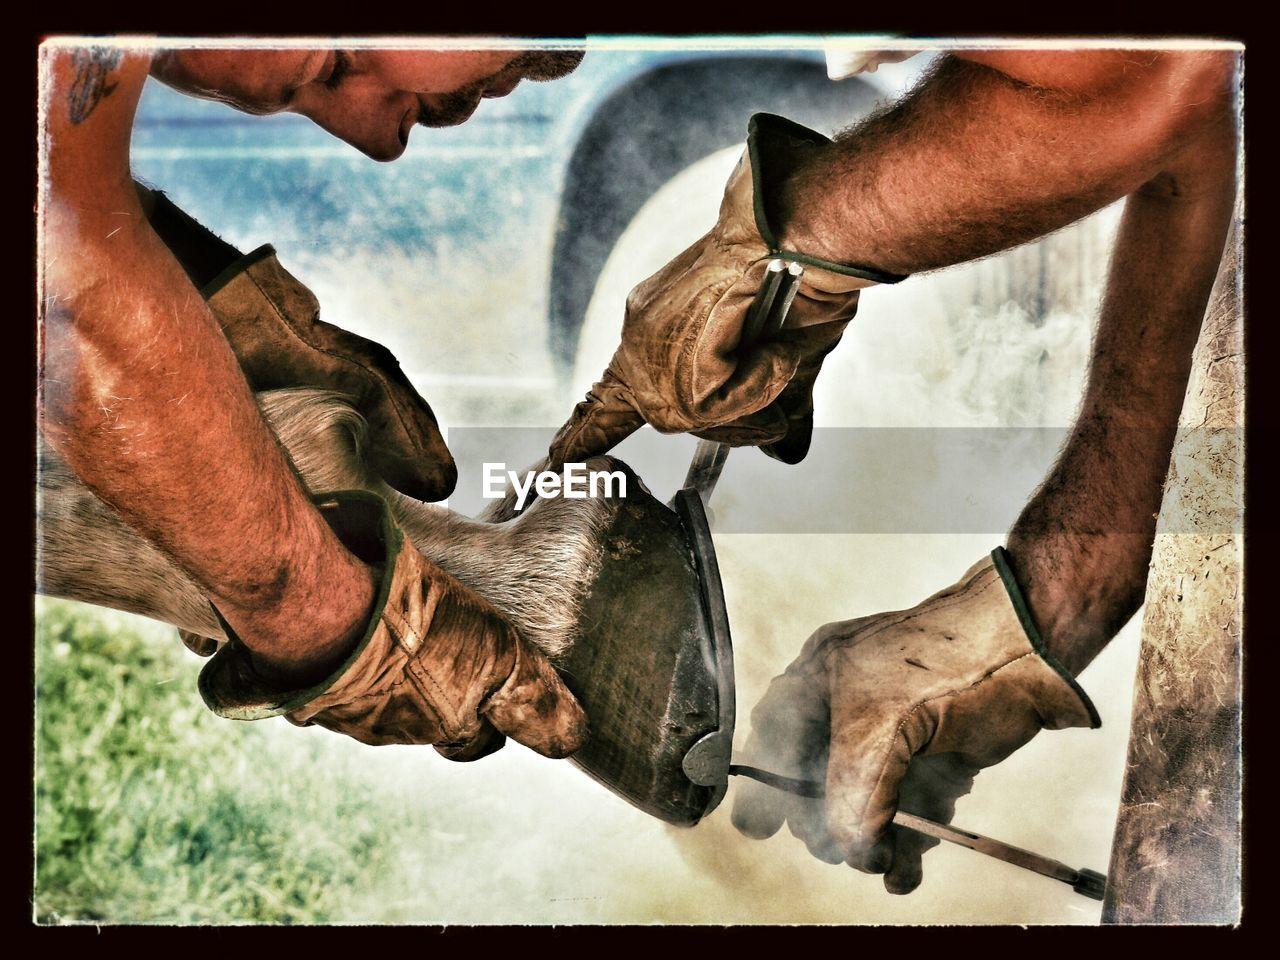 Two men shoe a horse